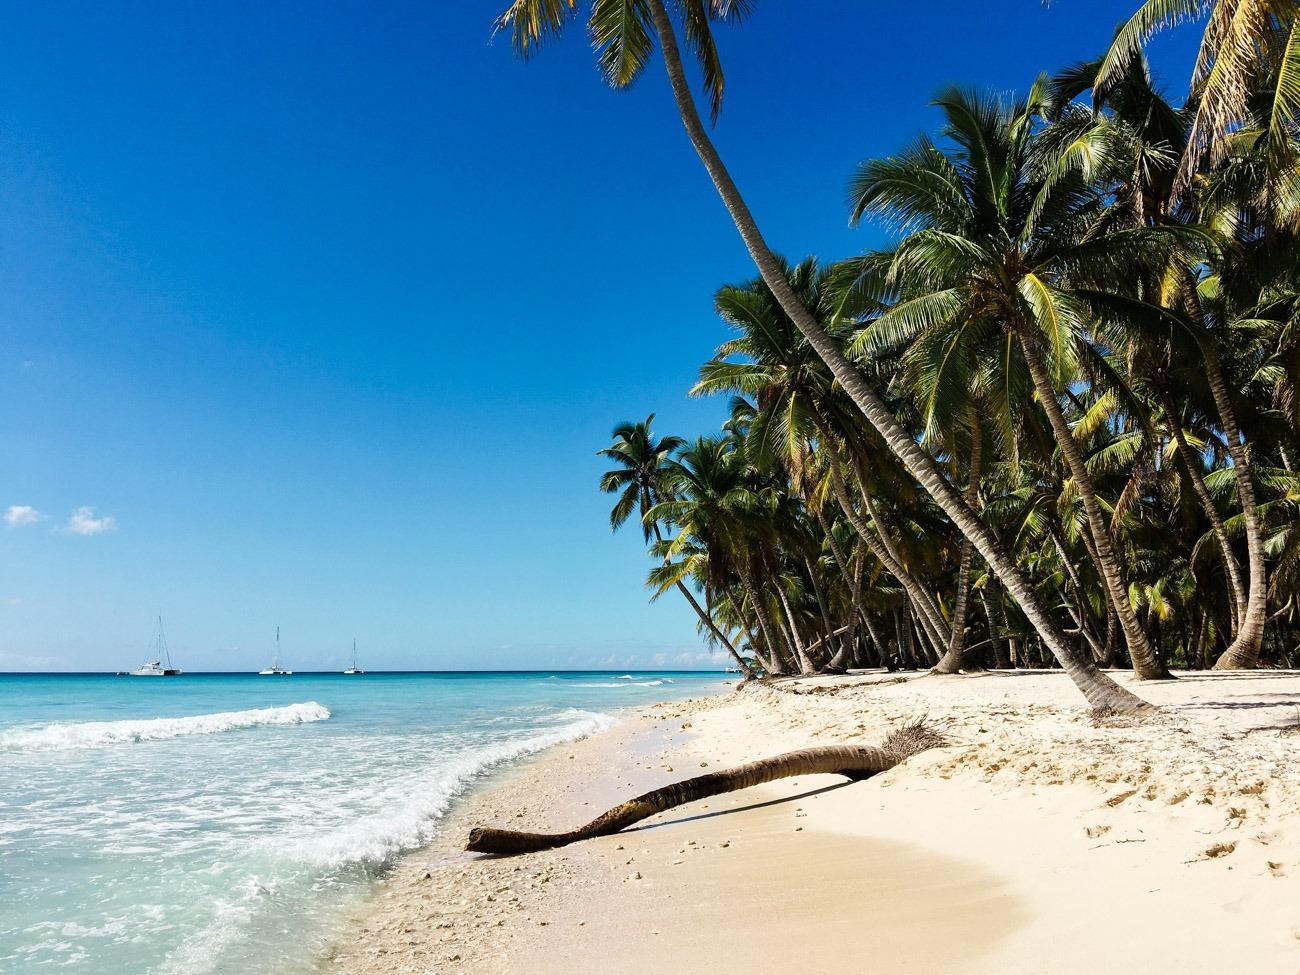 Tropisches Karibikfeeling auf der Isla Saona in der Dominikanischen Republik